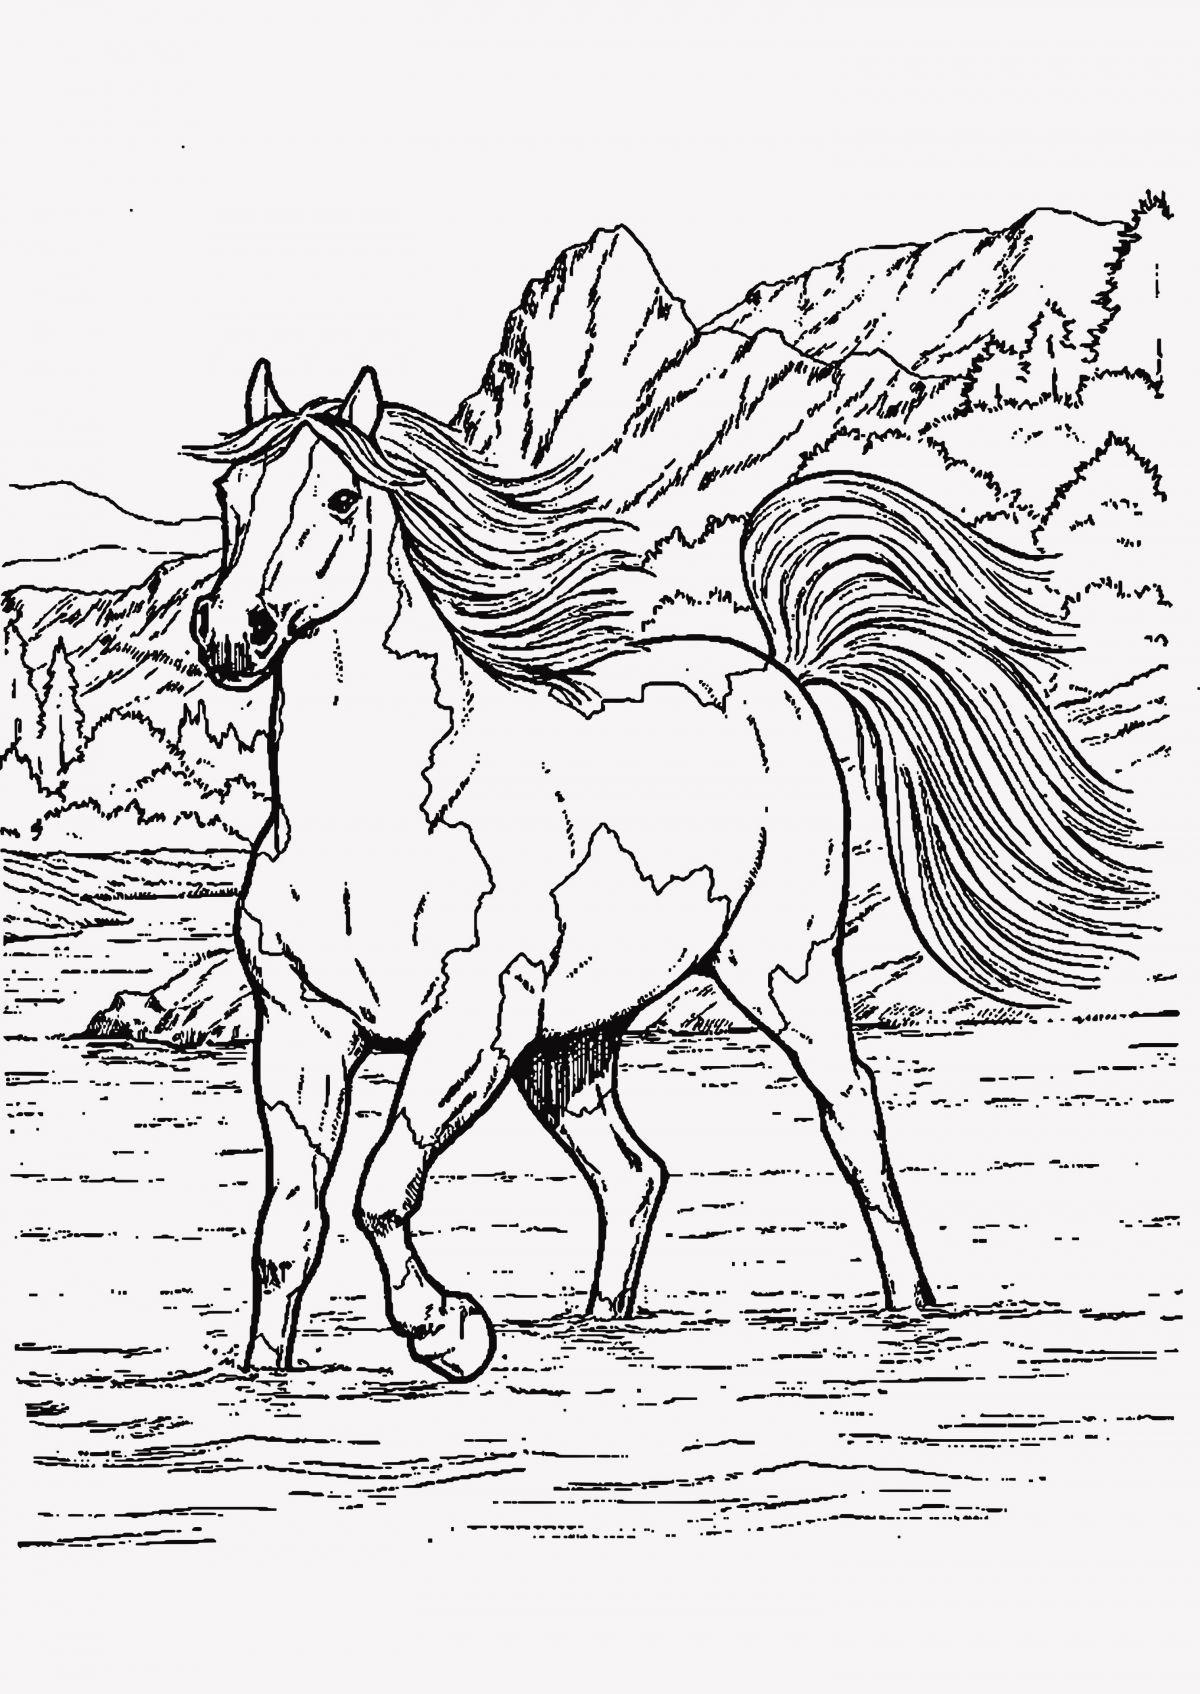 Ausmalbilder Pferde Turnier Inspirierend Kostenlose Malvorlagen Pferde Awesome 25 Genial Pferde Ausmalbild Stock